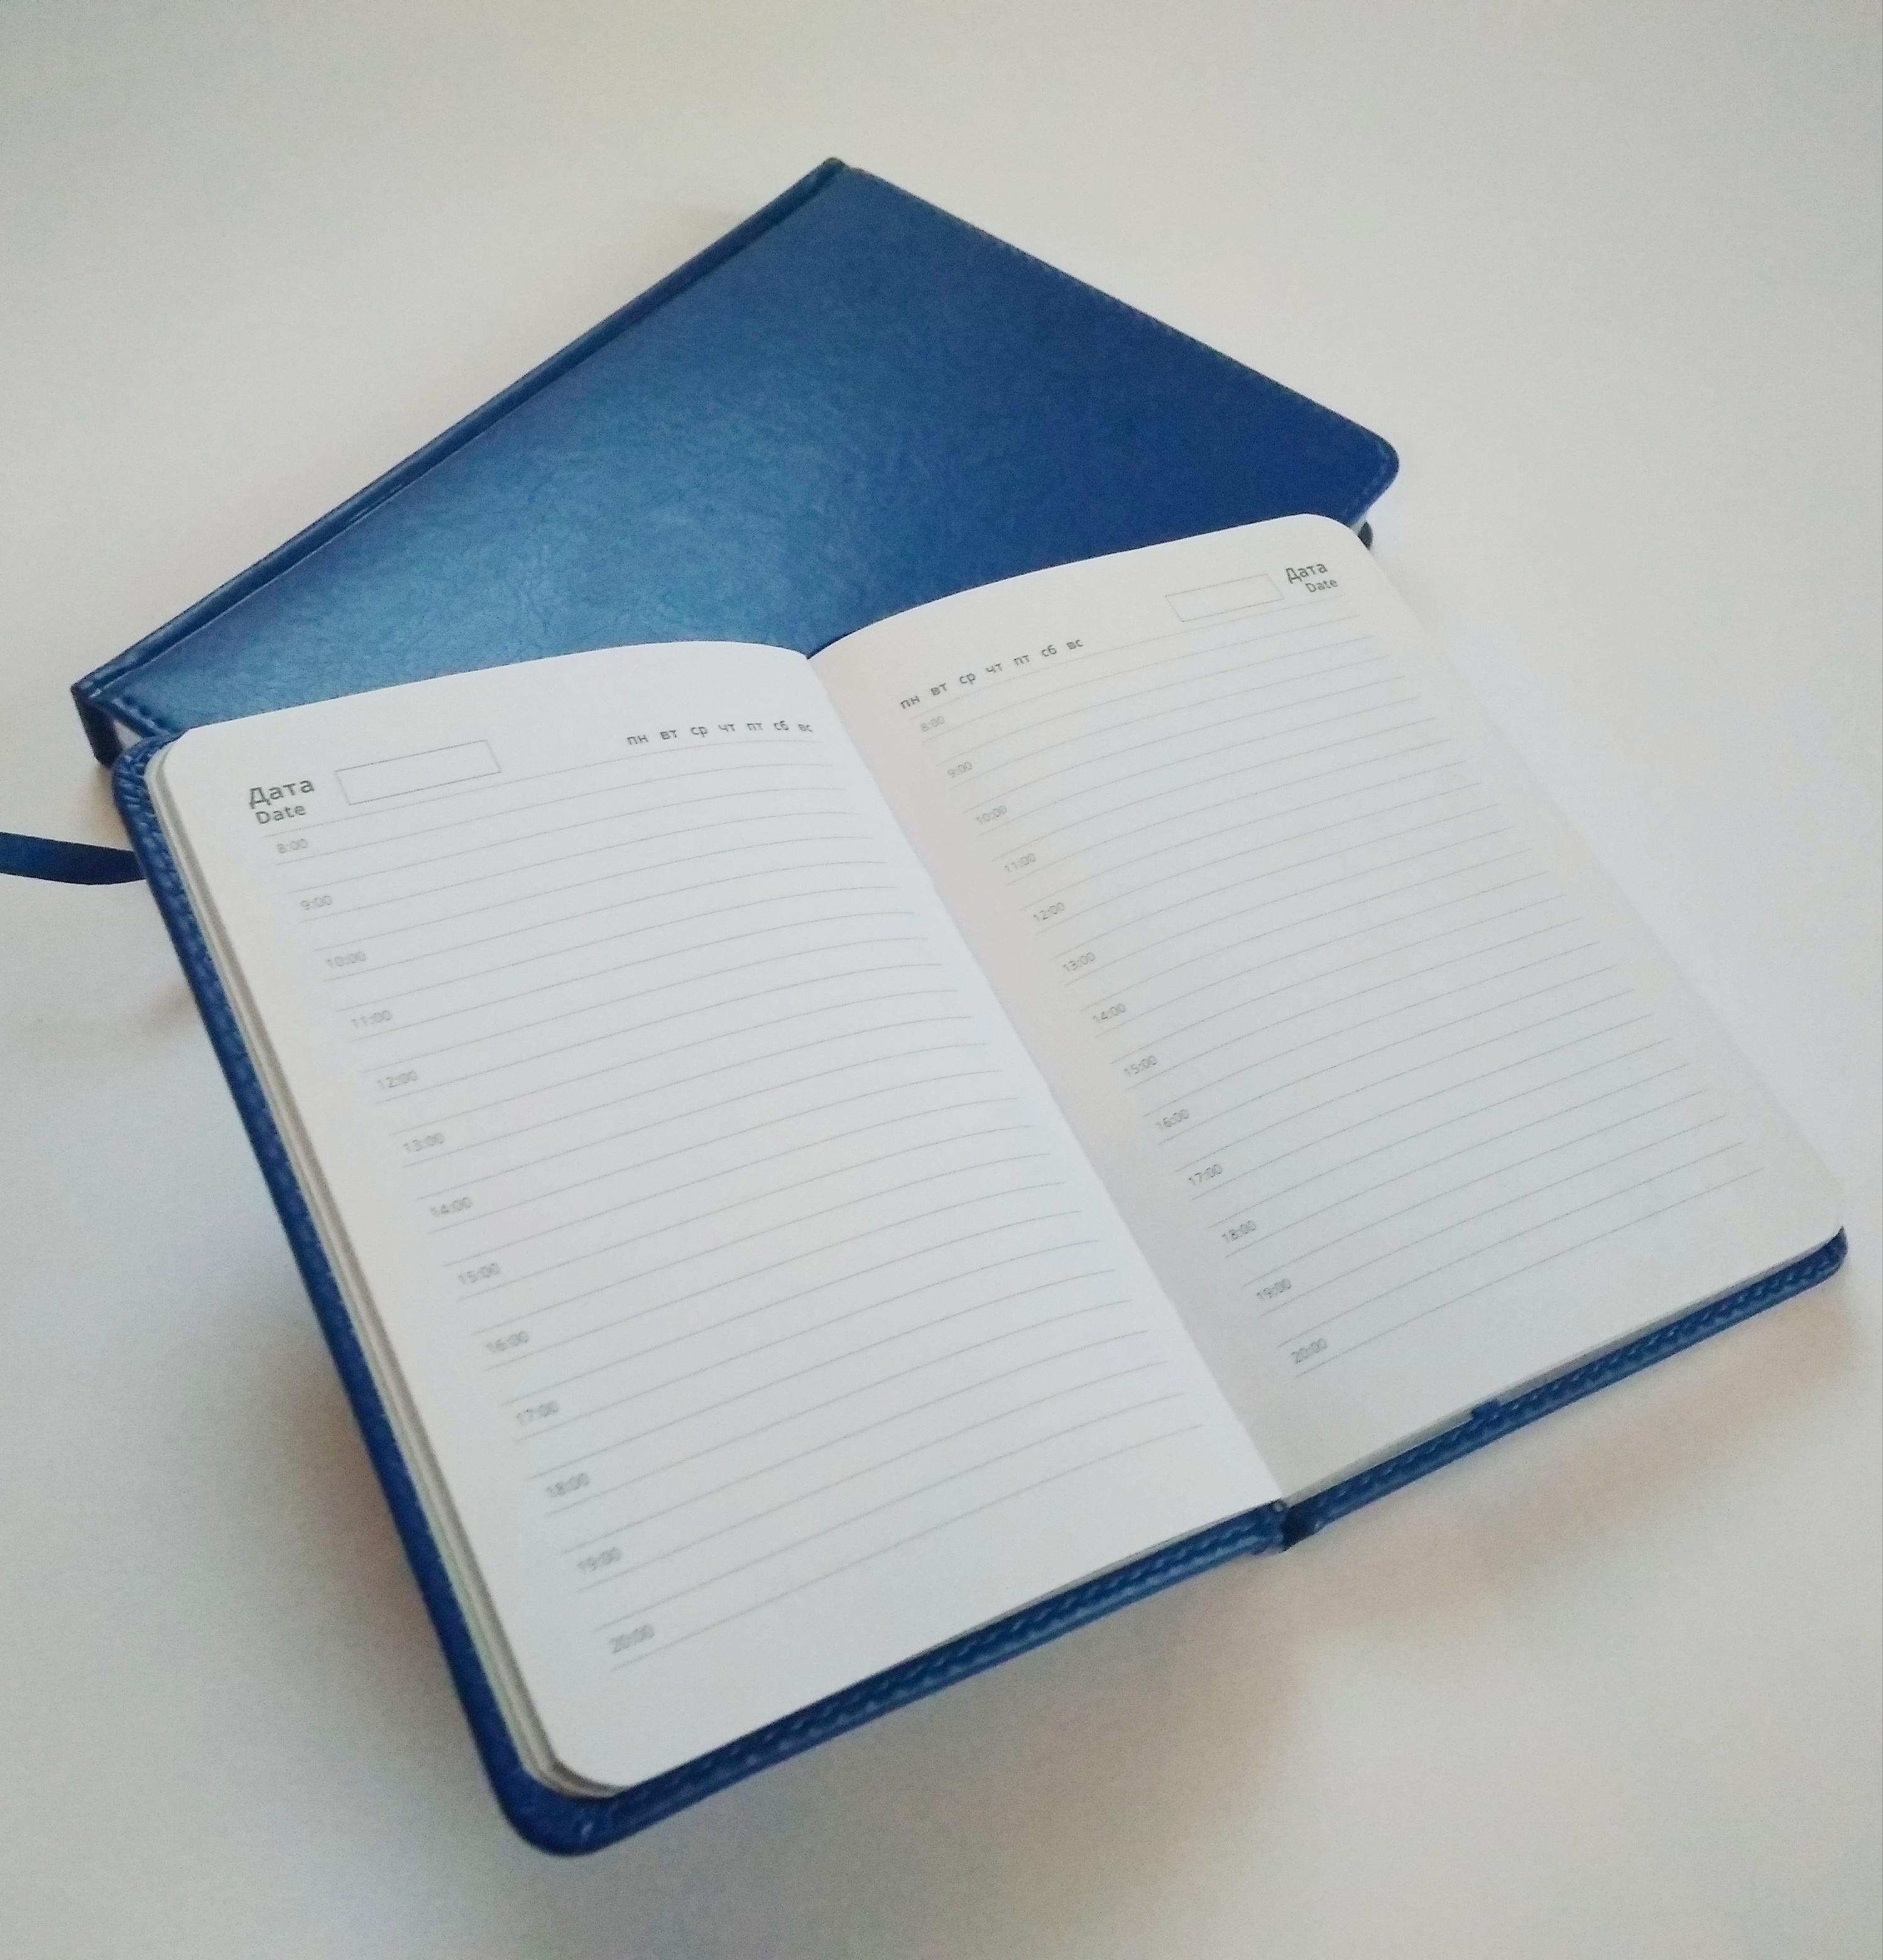 синие ежедневники с серебристым срезом